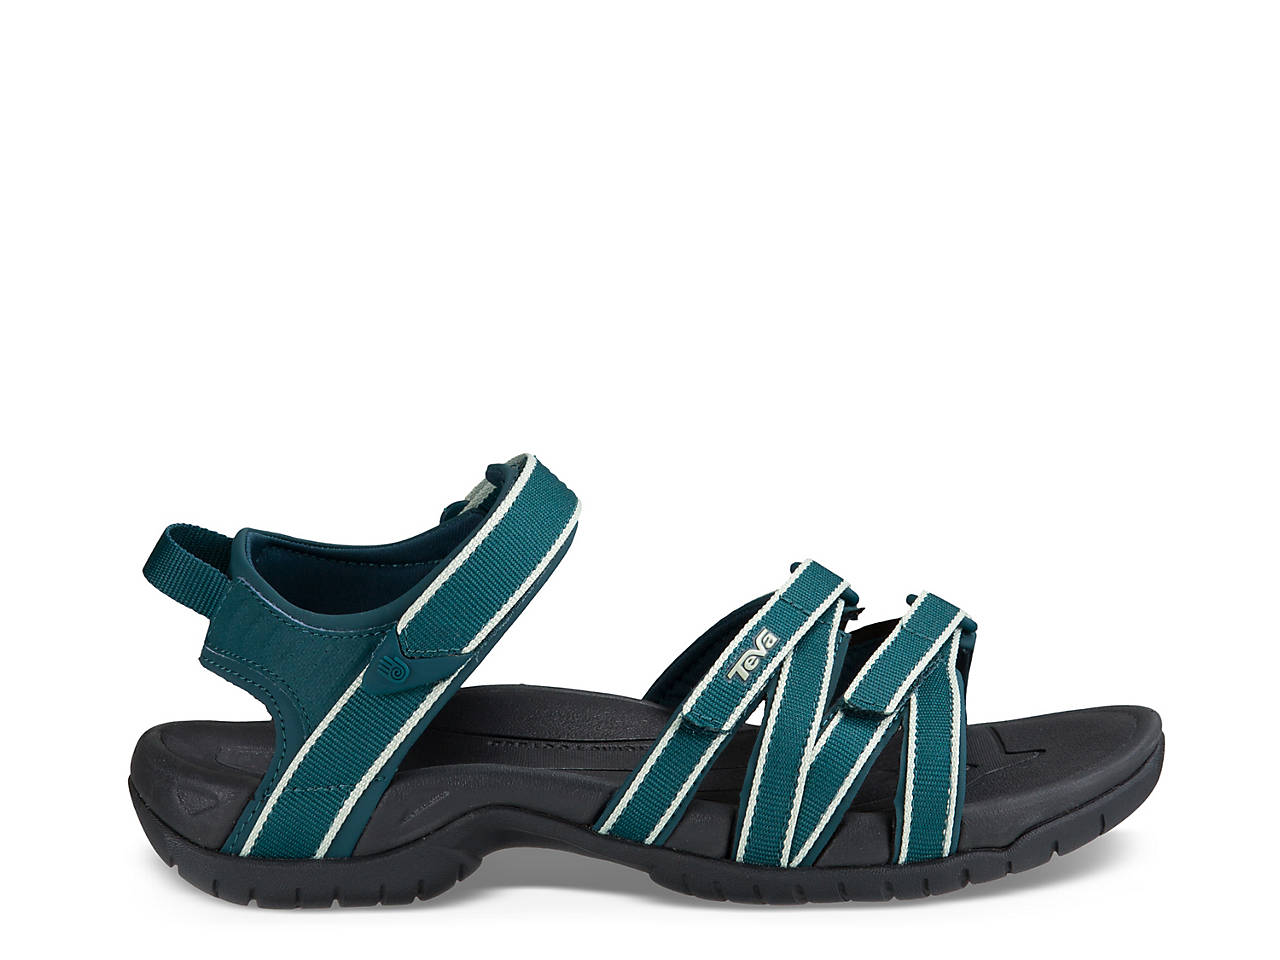 ad4eb0b6de2f2e Teva Tirra Sport Sandal Women s Shoes